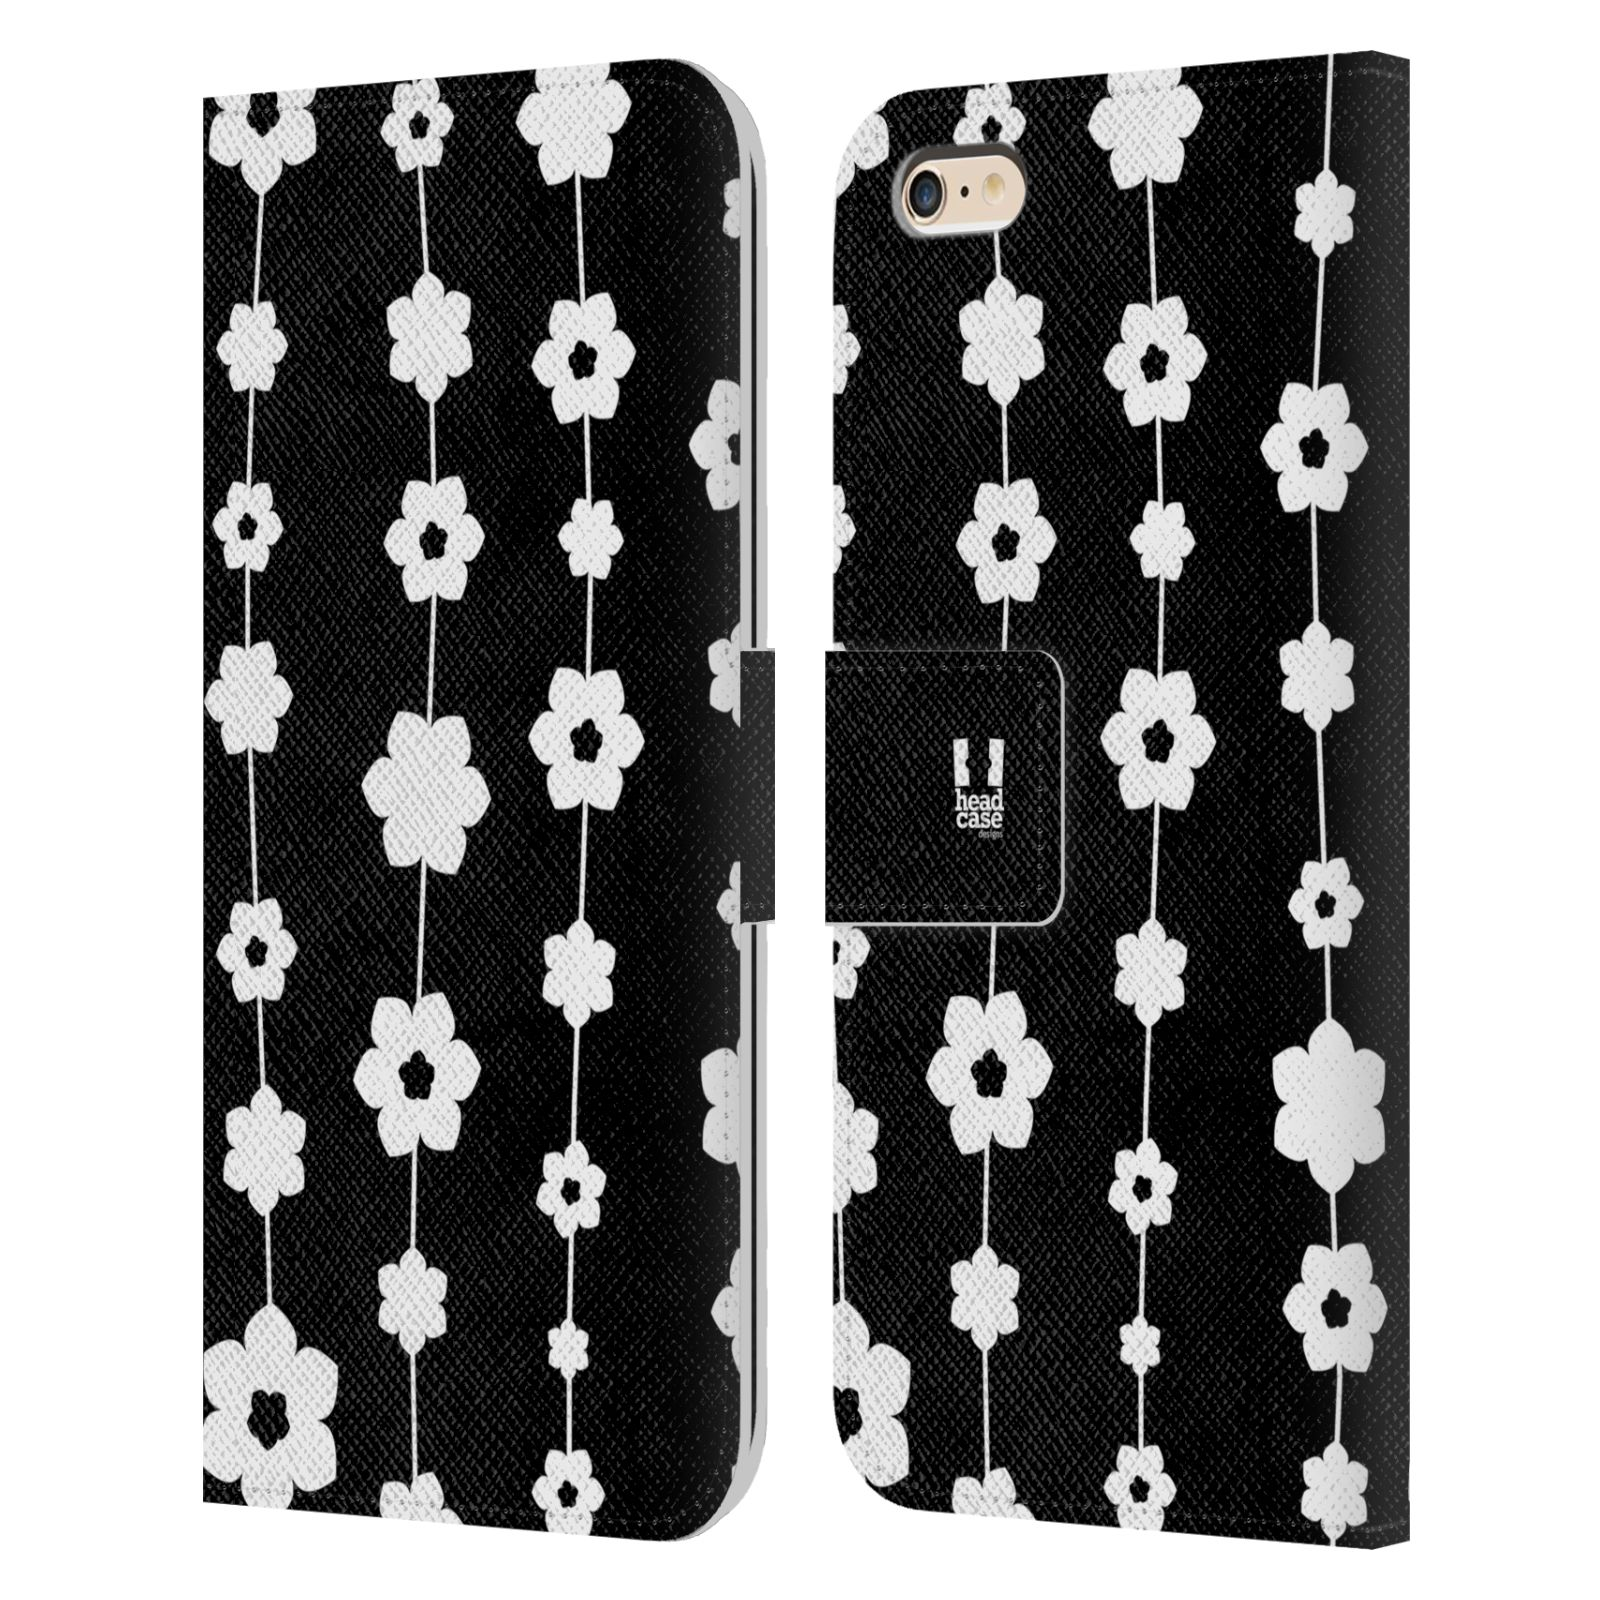 HEAD CASE Flipové pouzdro pro mobil Apple Iphone 6 PLUS / 6S PLUS ČERNOBÍLÁ KVĚTINA řetězec